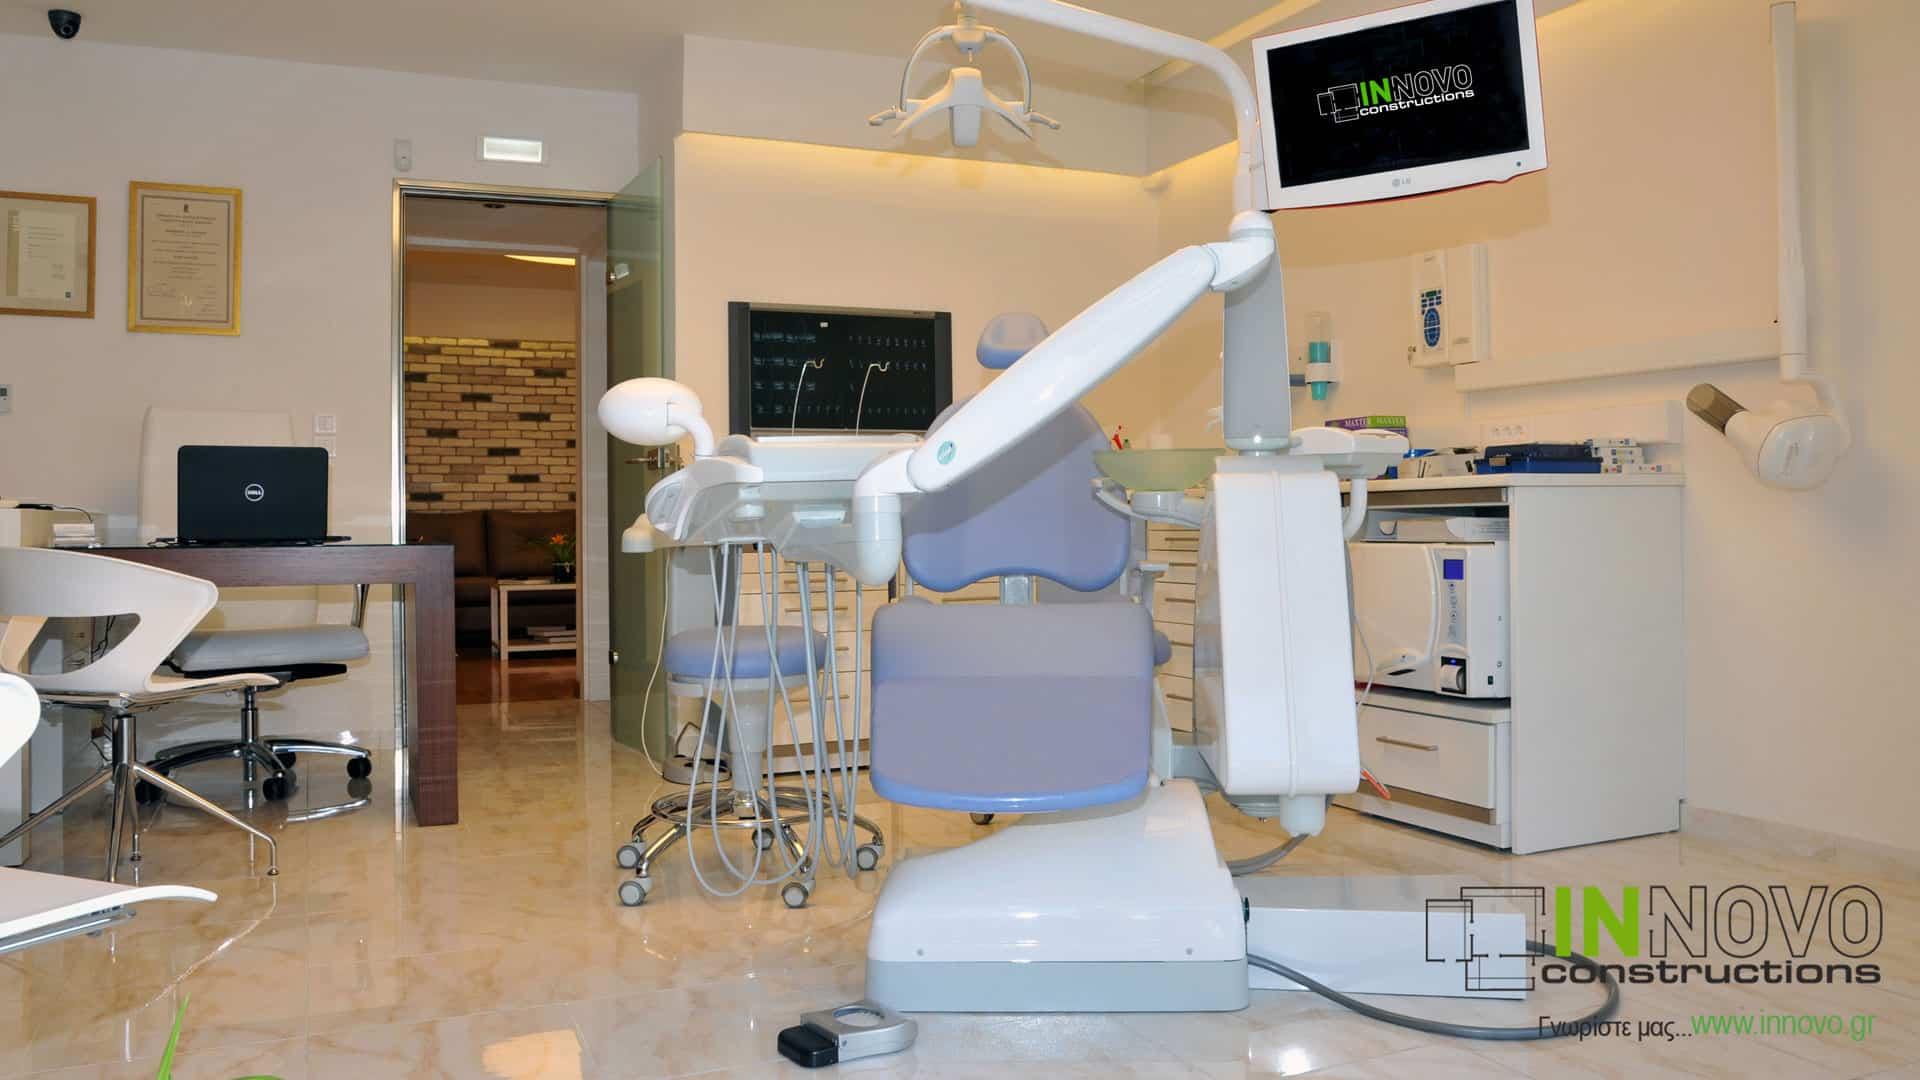 Κατασκευή ανακαίνιση Οδοντιατρείου στο Παλαιό Φάληρο